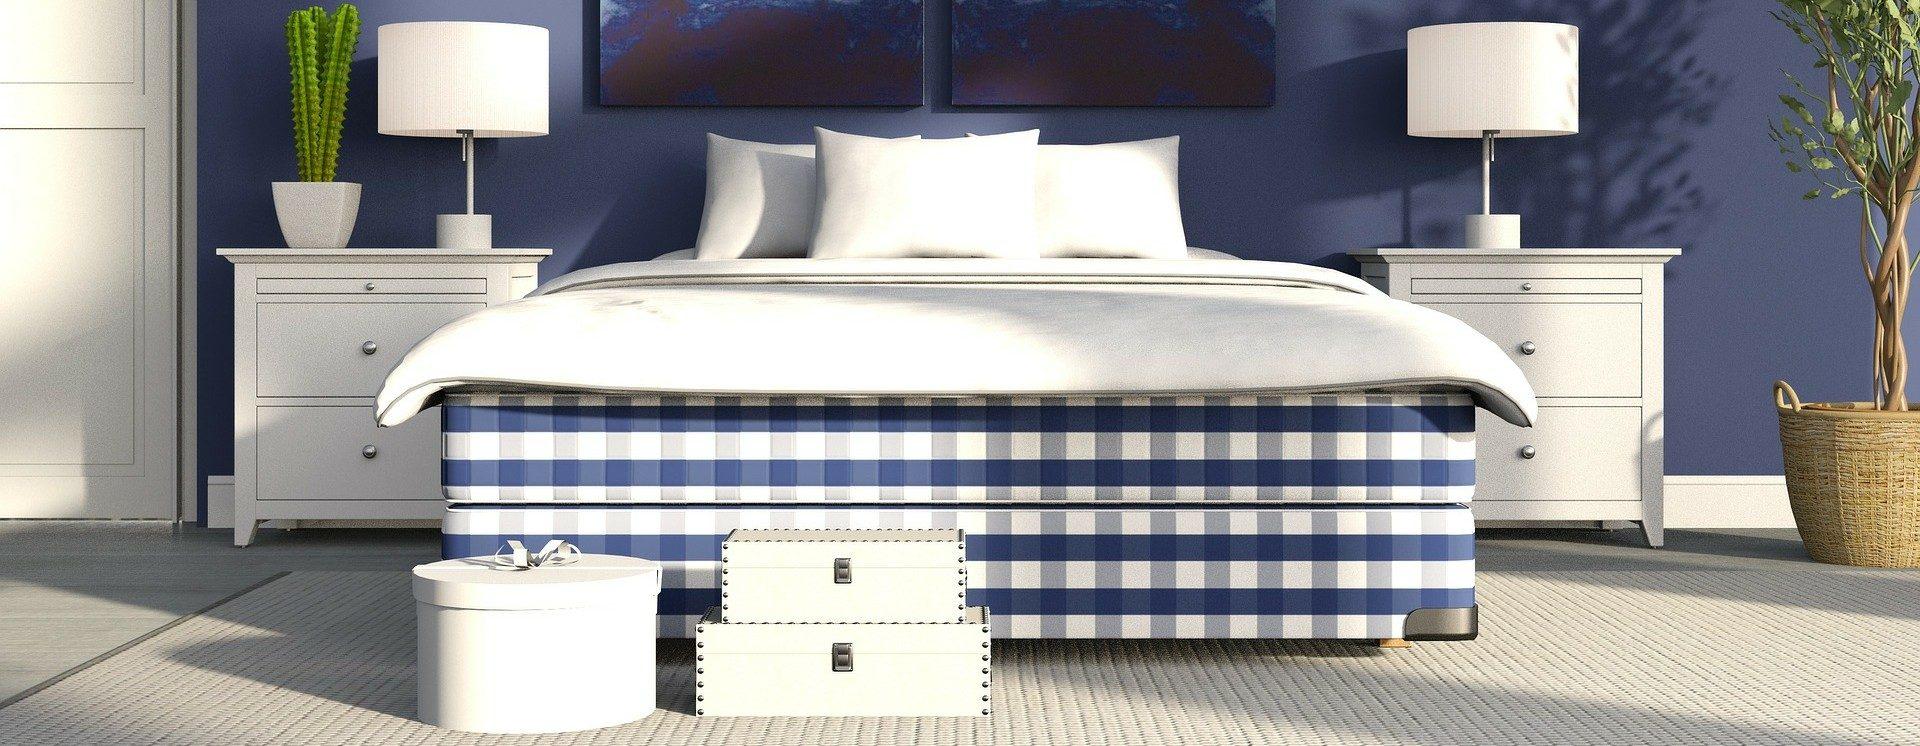 Full Size of Bett Kaufen Günstig Gnstiges Gute Betten Mit Lattenroste Und Matratzen Gnstig Bambus Günstige 140x200 Rückwand überlänge Tojo V 1 40 Landhaus Stauraum Bett Bett Kaufen Günstig